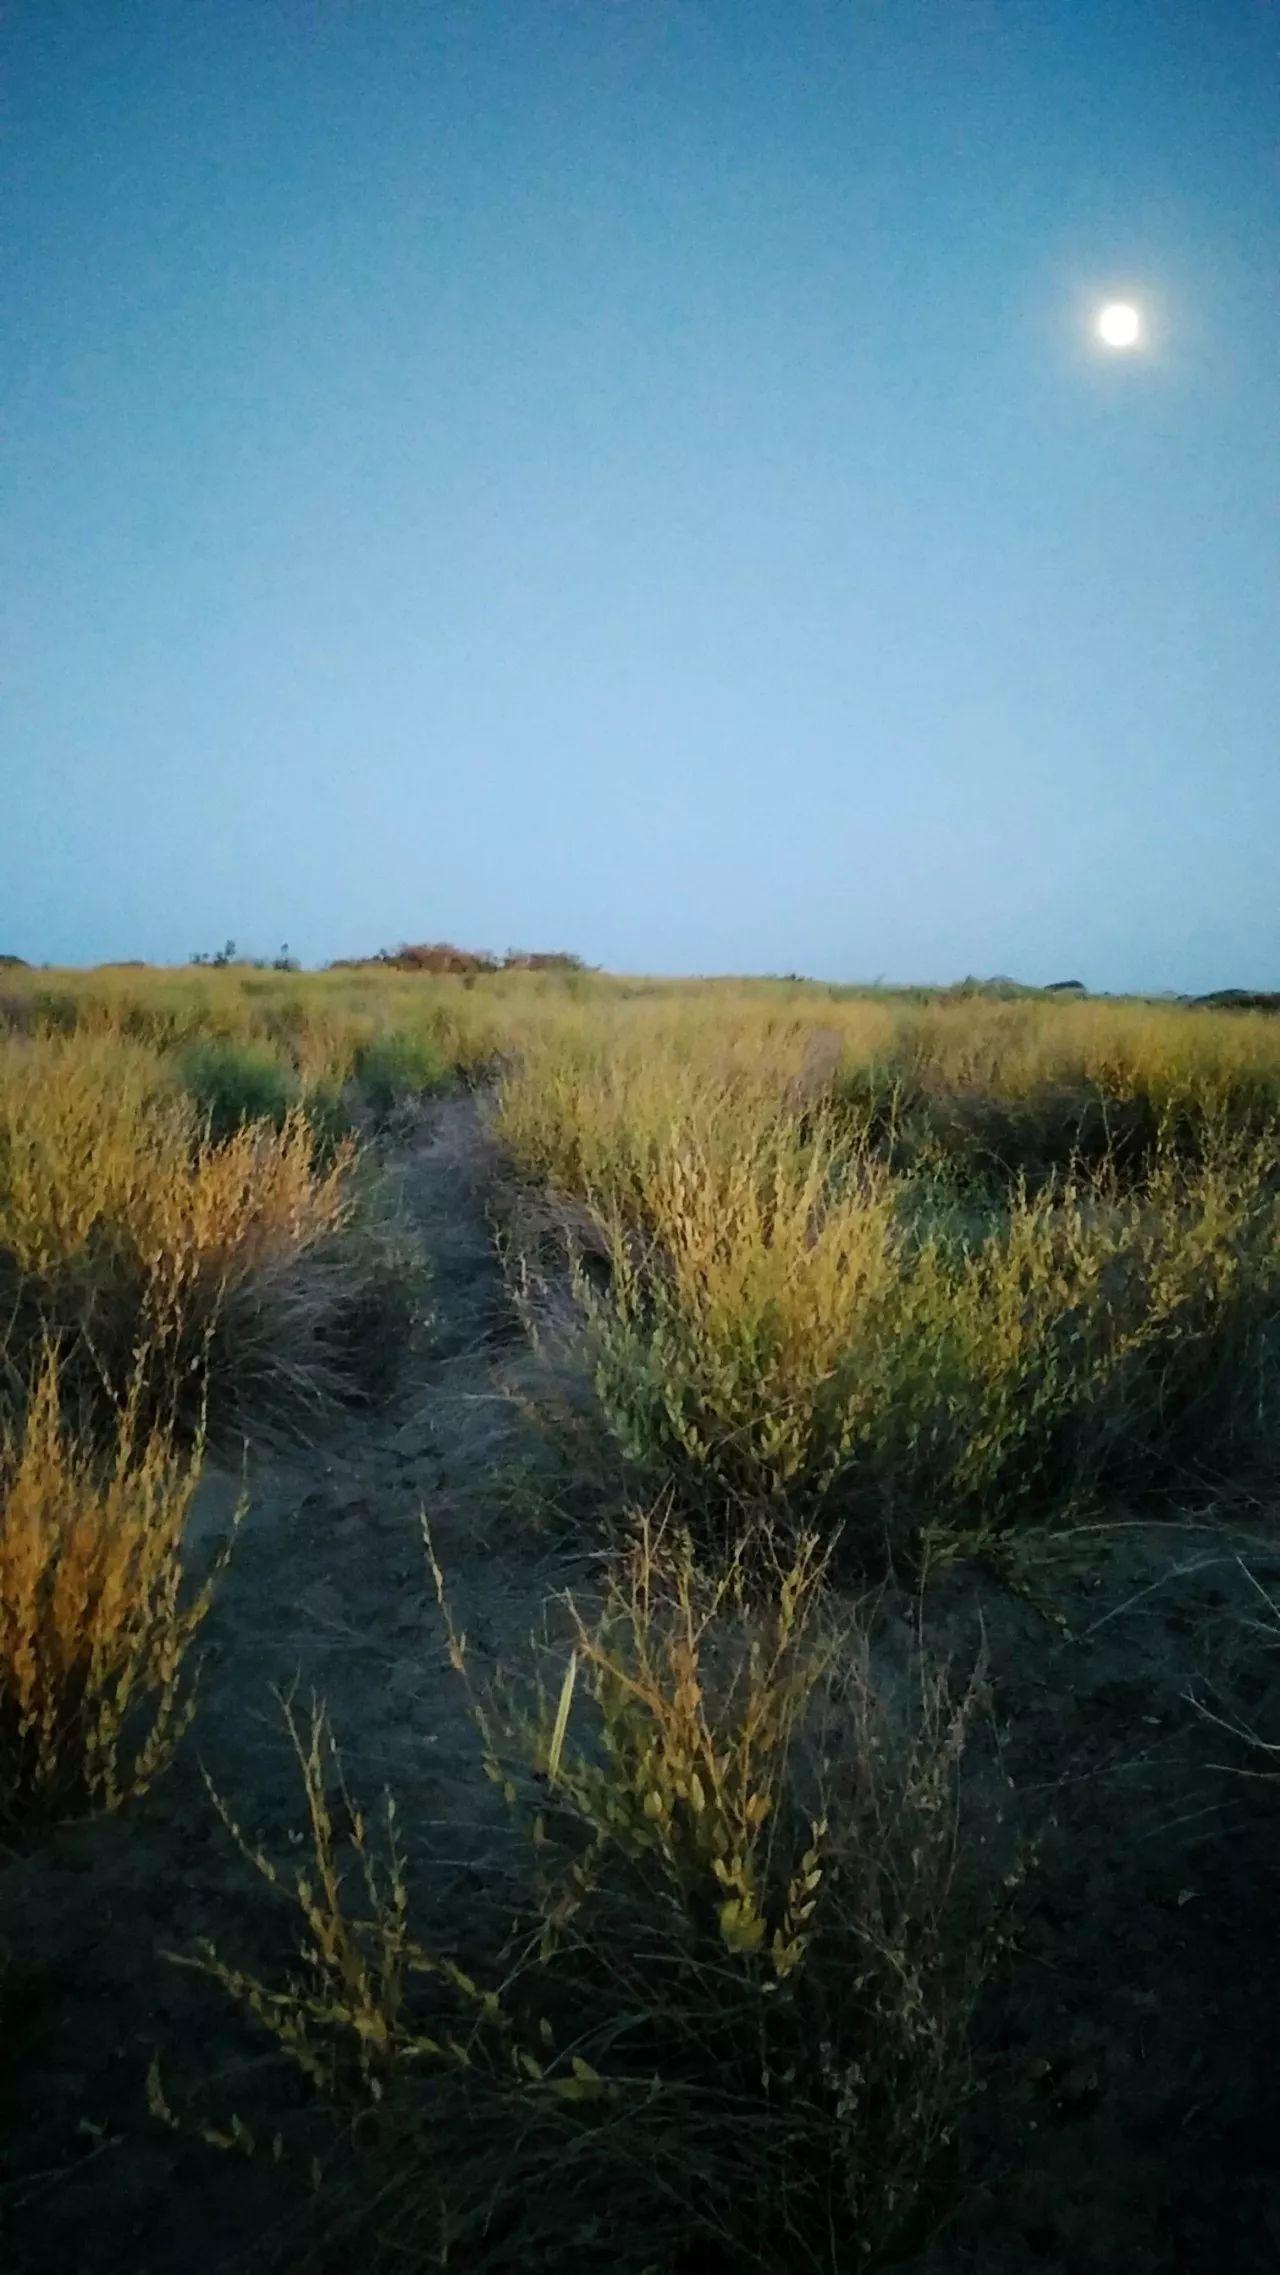 【跑者说】追星人朱进:5天400公里,还没达到极限